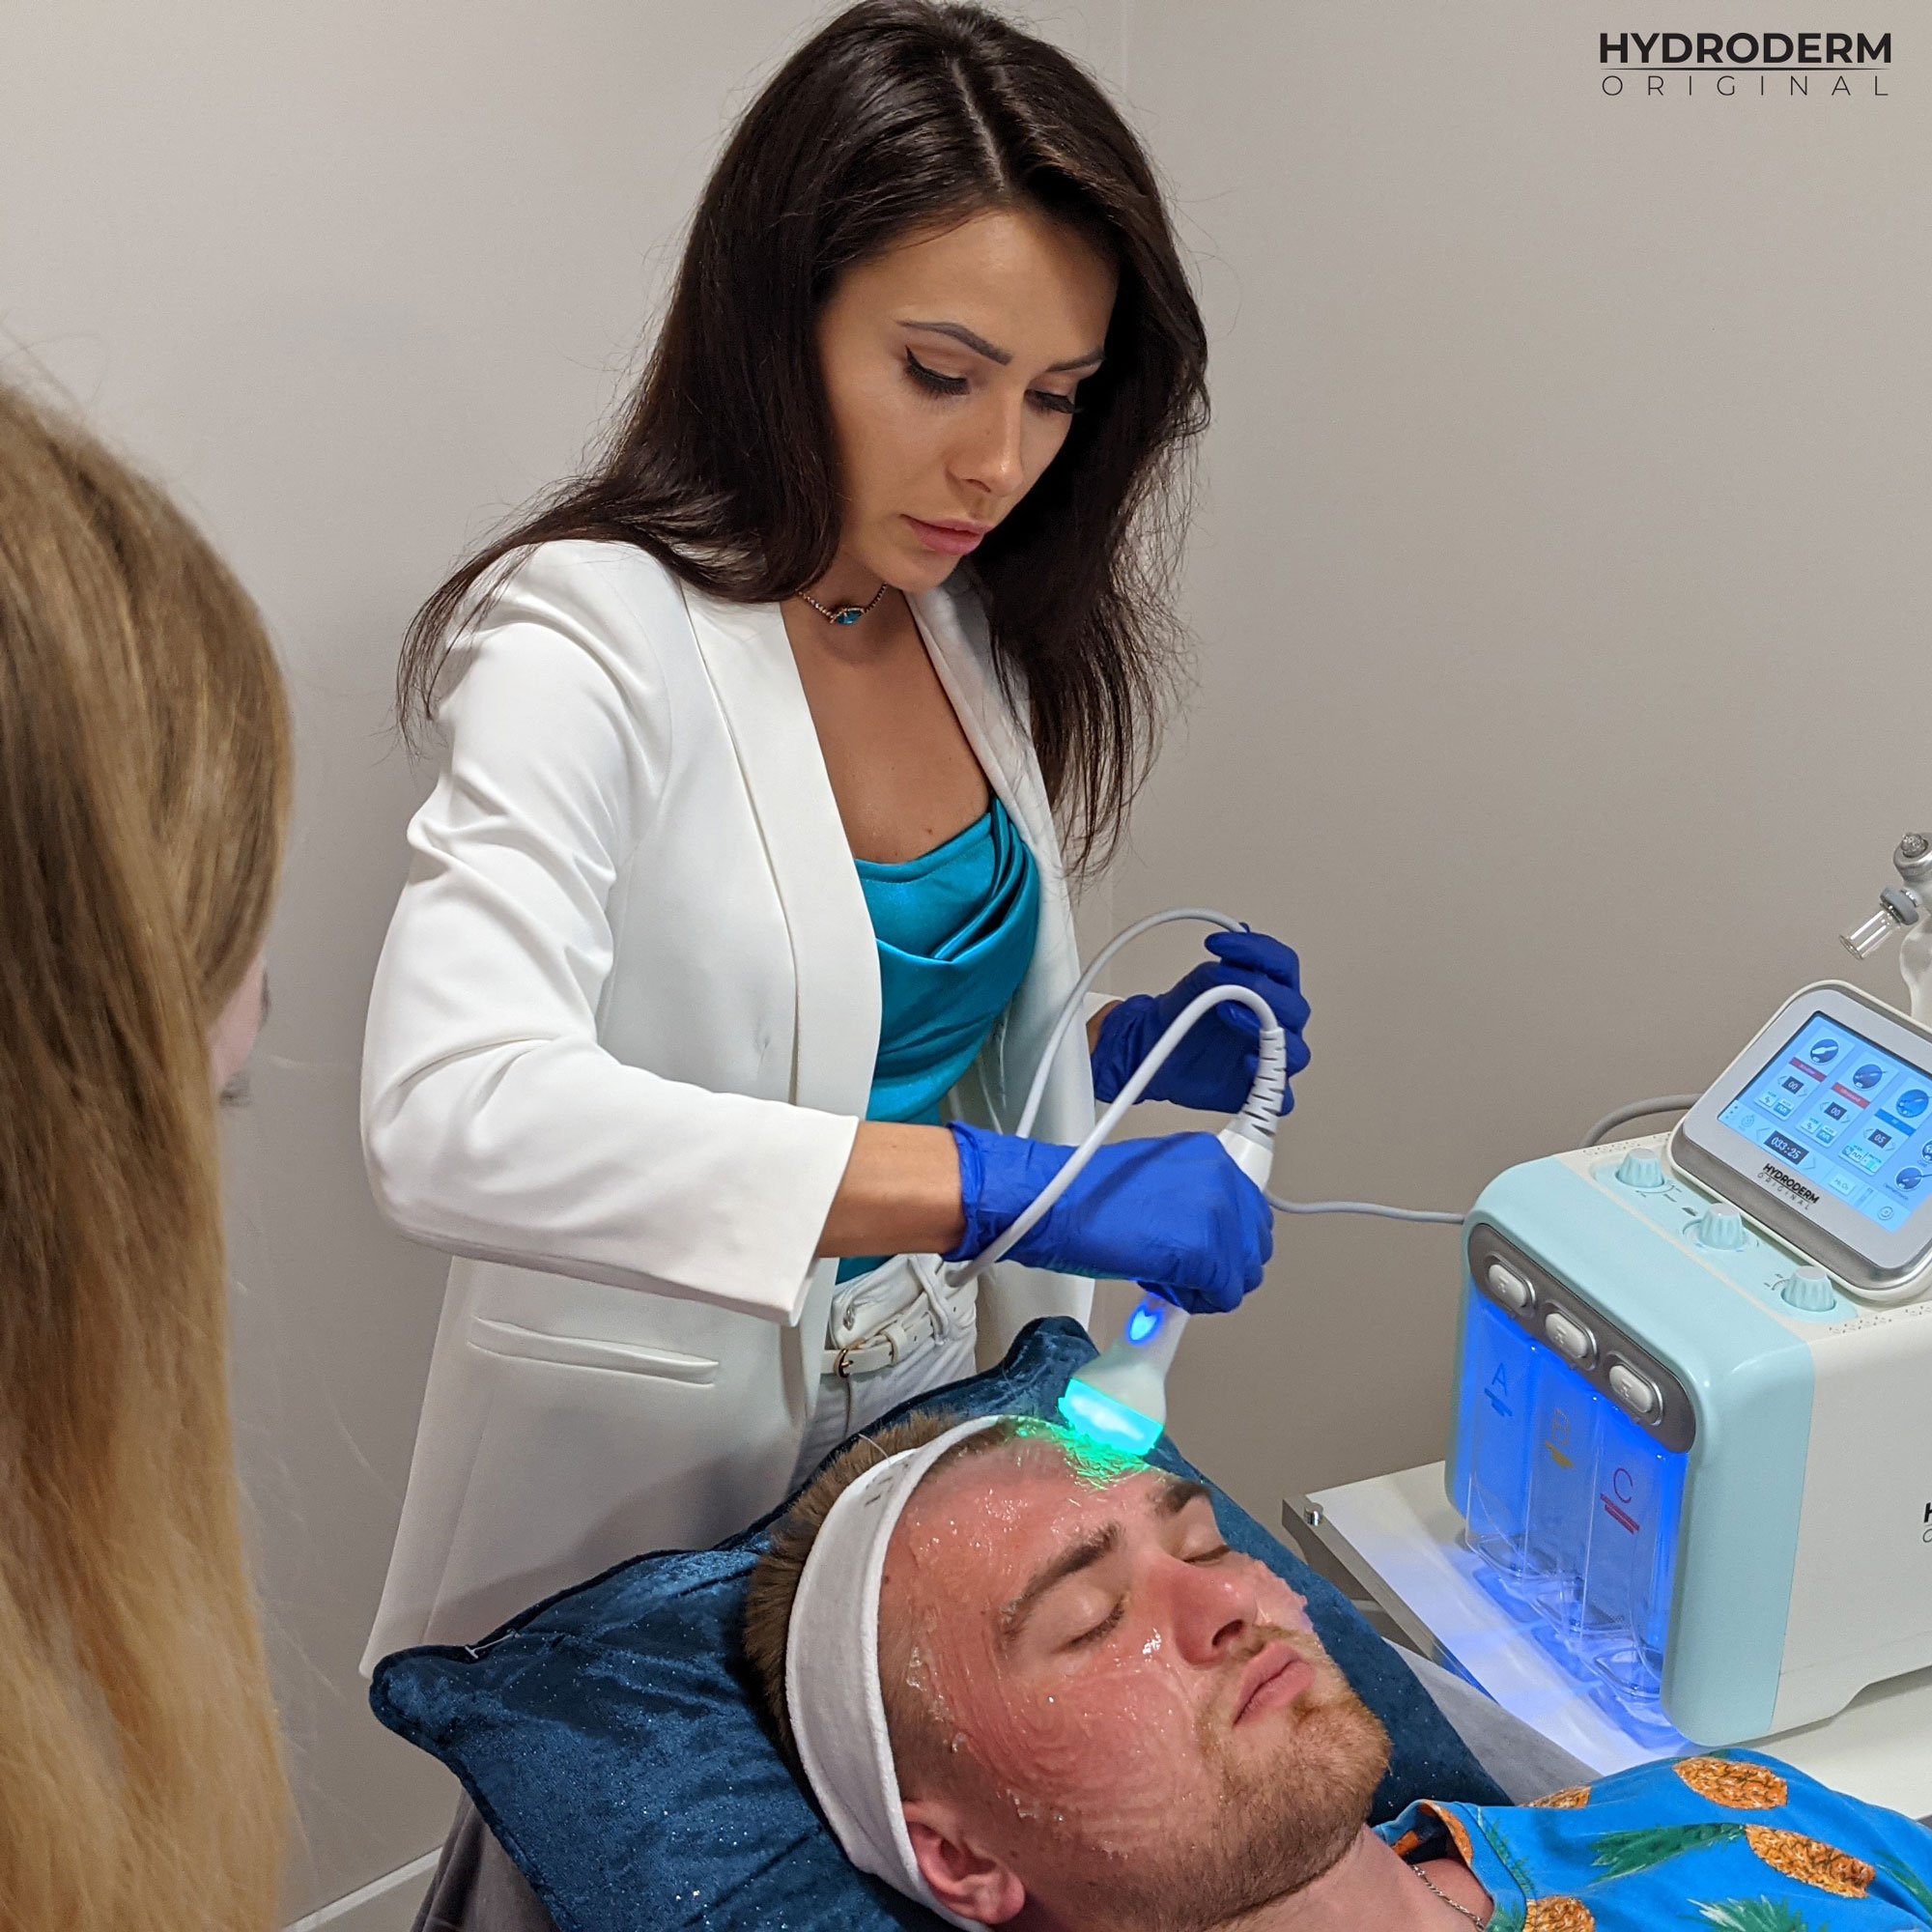 Nasze szkolenie pokaże Ci jak prawidłowo uzyskać efekt napięcia i liftingu skóry za pomocą zjawiska diaterapii w tkankach